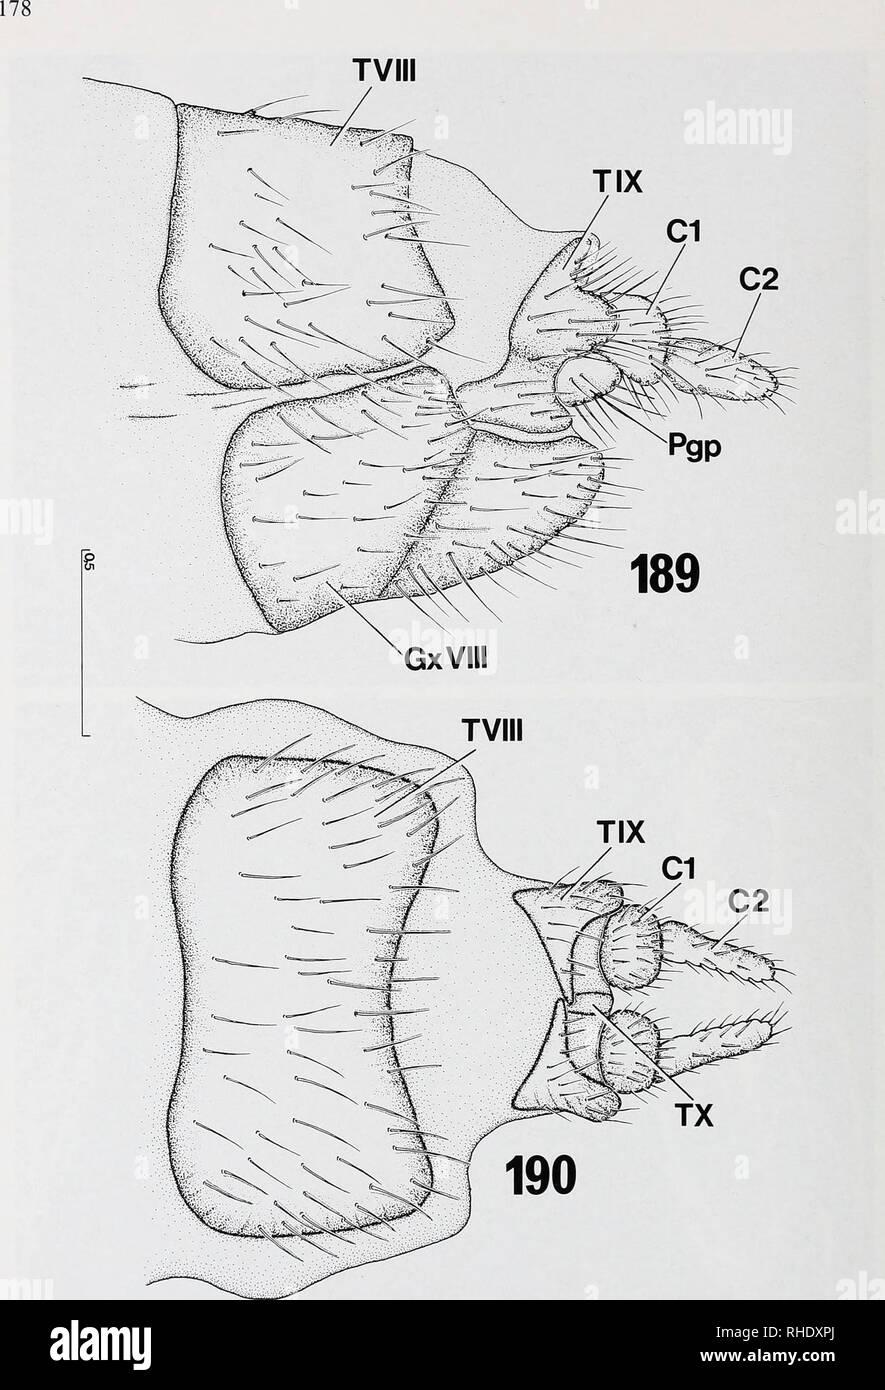 . Bonner zoologische nach 1550. Zoologie. Abb. 189-190: legeröhre von Penthetria funebhs (Bibionidae), Exoskelett: (189) von der seitlichen; (190) von dorsal. Kundennr. in mm.. Bitte beachten Sie, dass diese Bilder sind von der gescannten Seite Bilder, die digital für die Lesbarkeit verbessert haben mögen - Färbung und Aussehen dieser Abbildungen können nicht perfekt dem Original ähneln. extrahiert. Bonn, Zoologisches Forschungsinstitut und Museum Alexander Koenig Stockbild